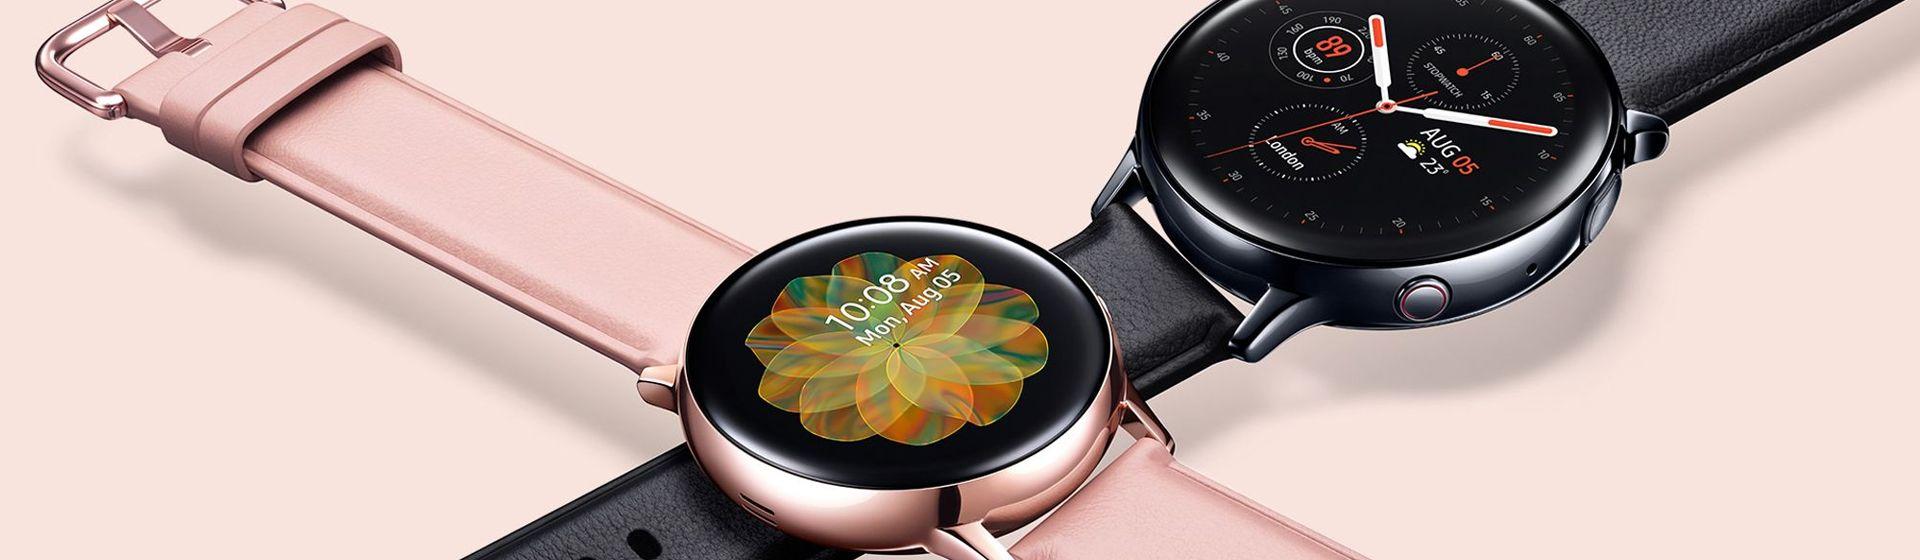 Smartwatch Galaxy Watch Active2 recebe suporte a assistente virtual